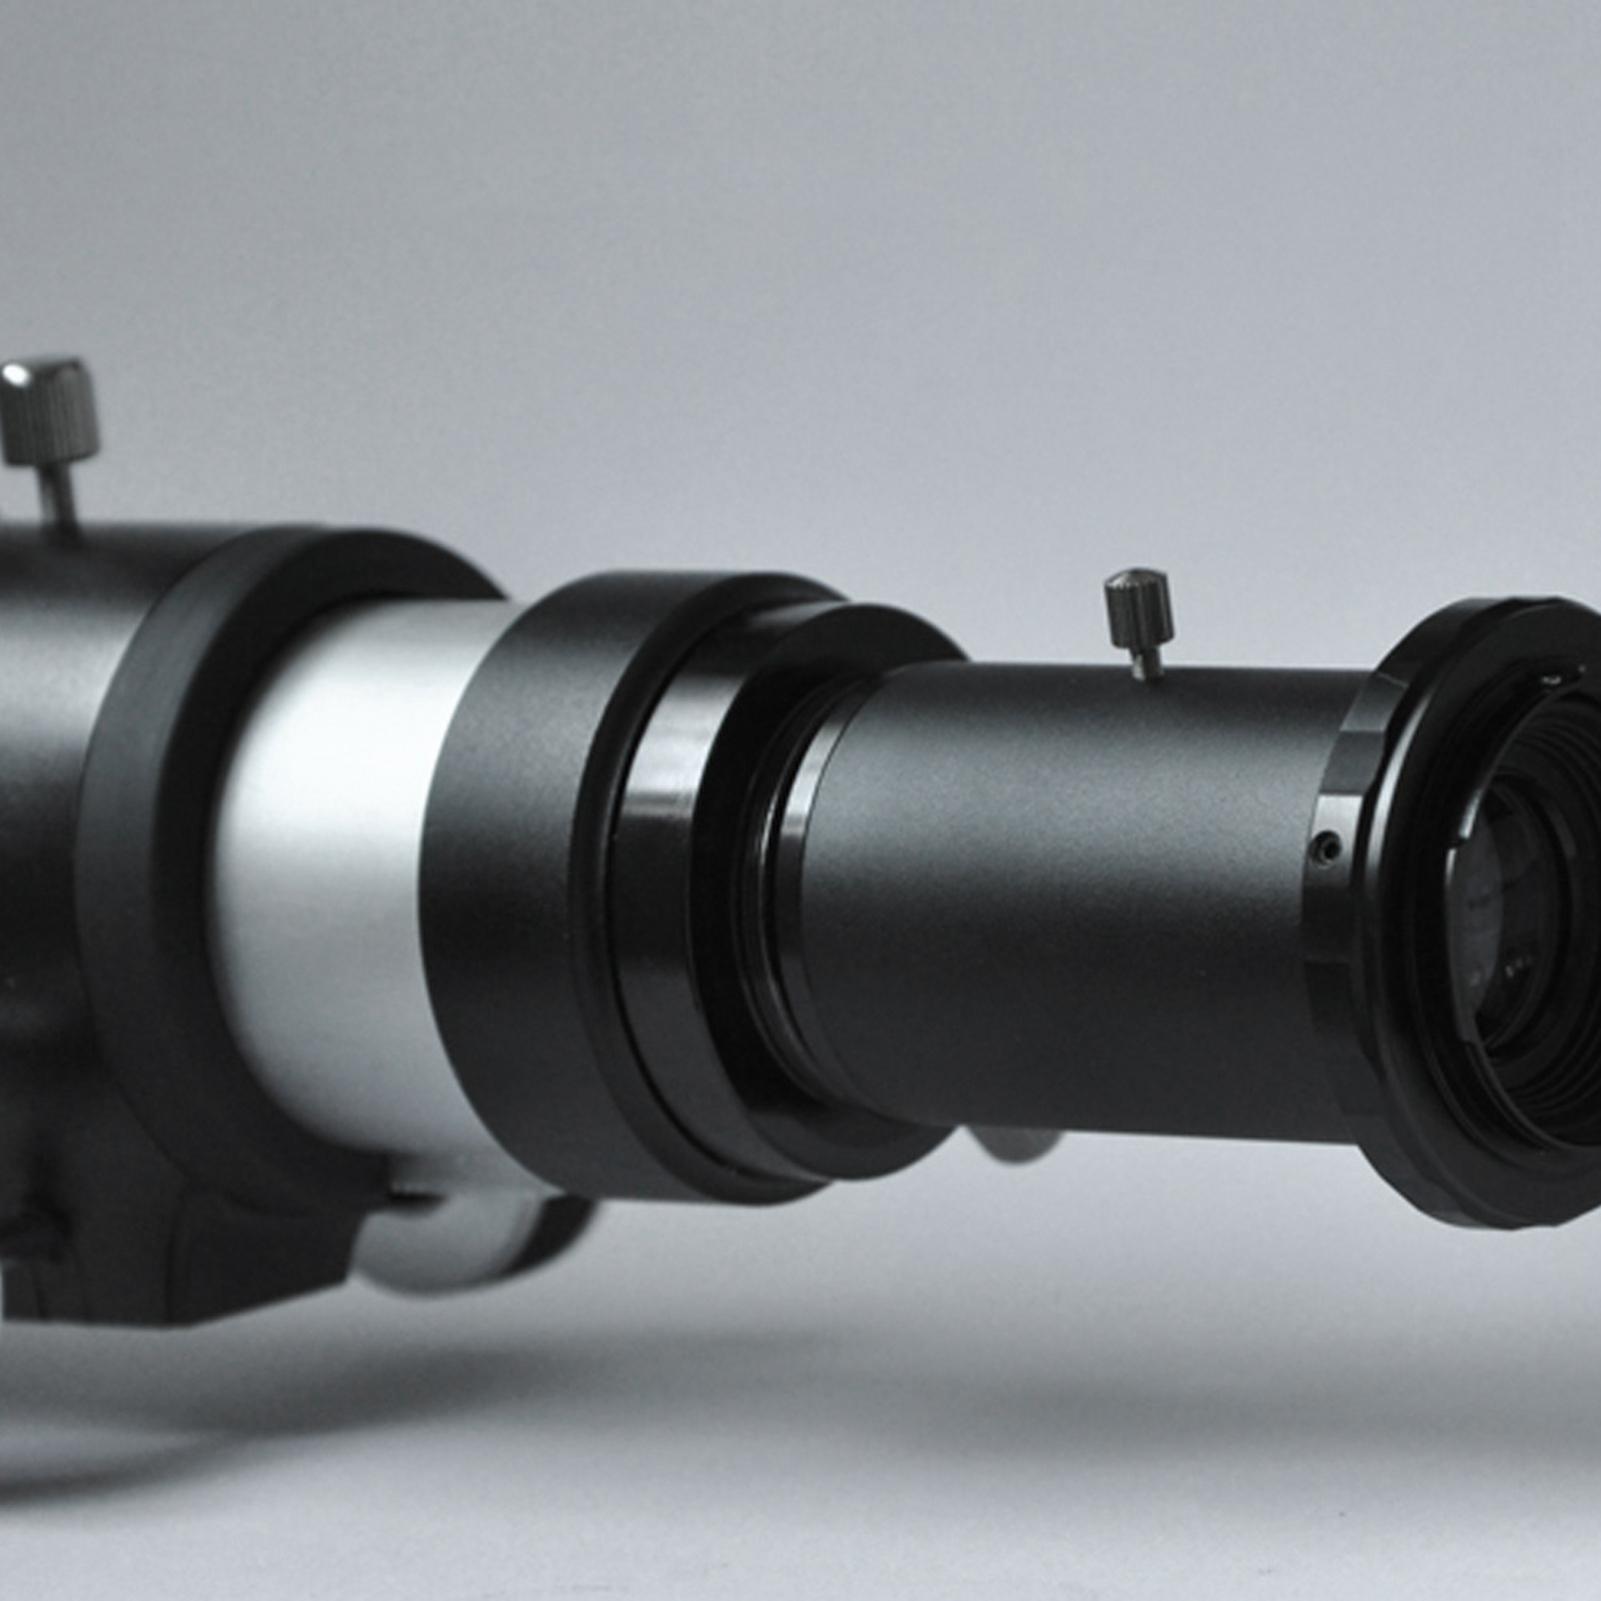 Adaptador de cámara del telescopio 1.25 pulgadas de tubo de extensión T2 Anillo para Canon EOS Cámara Nikon